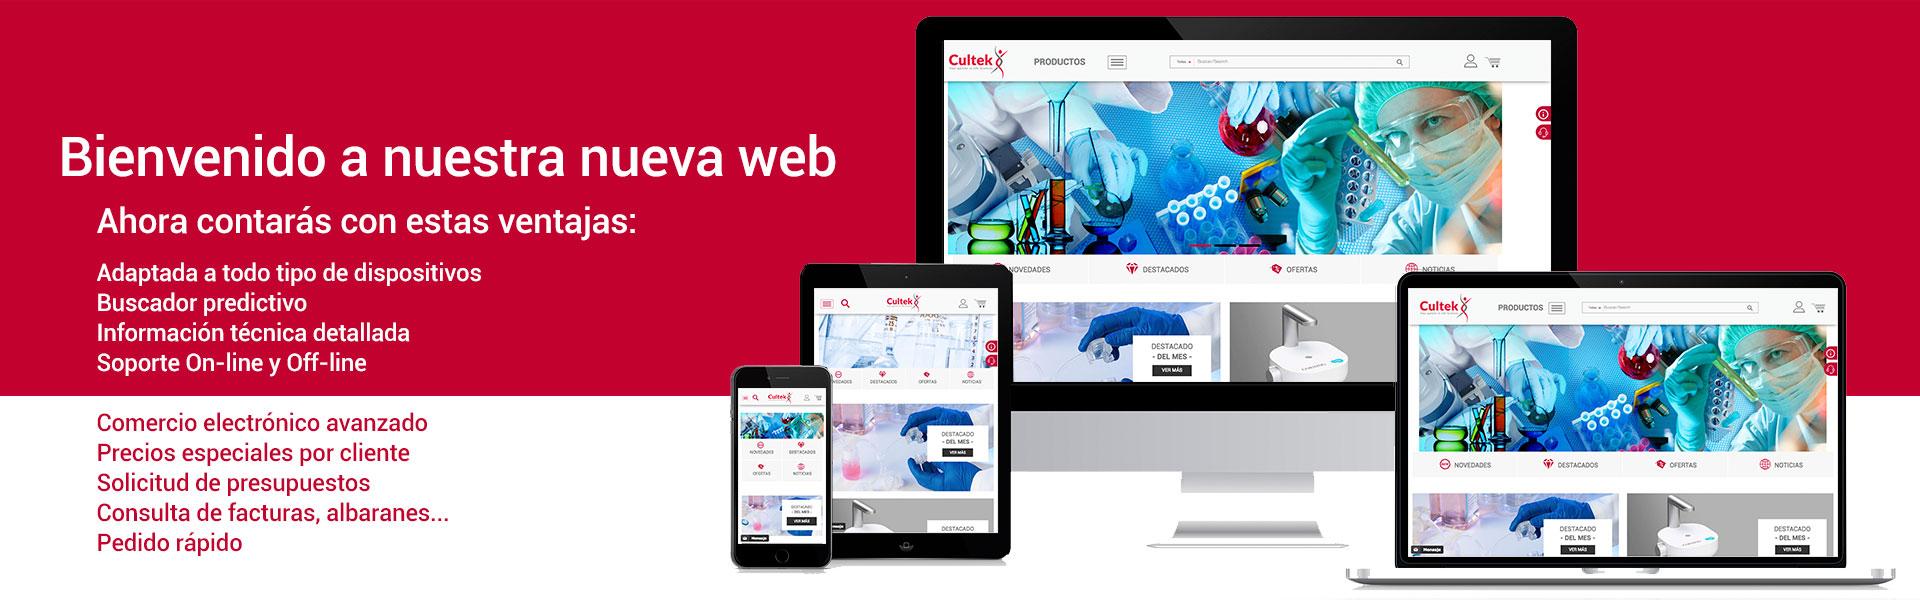 Cultek nueva web